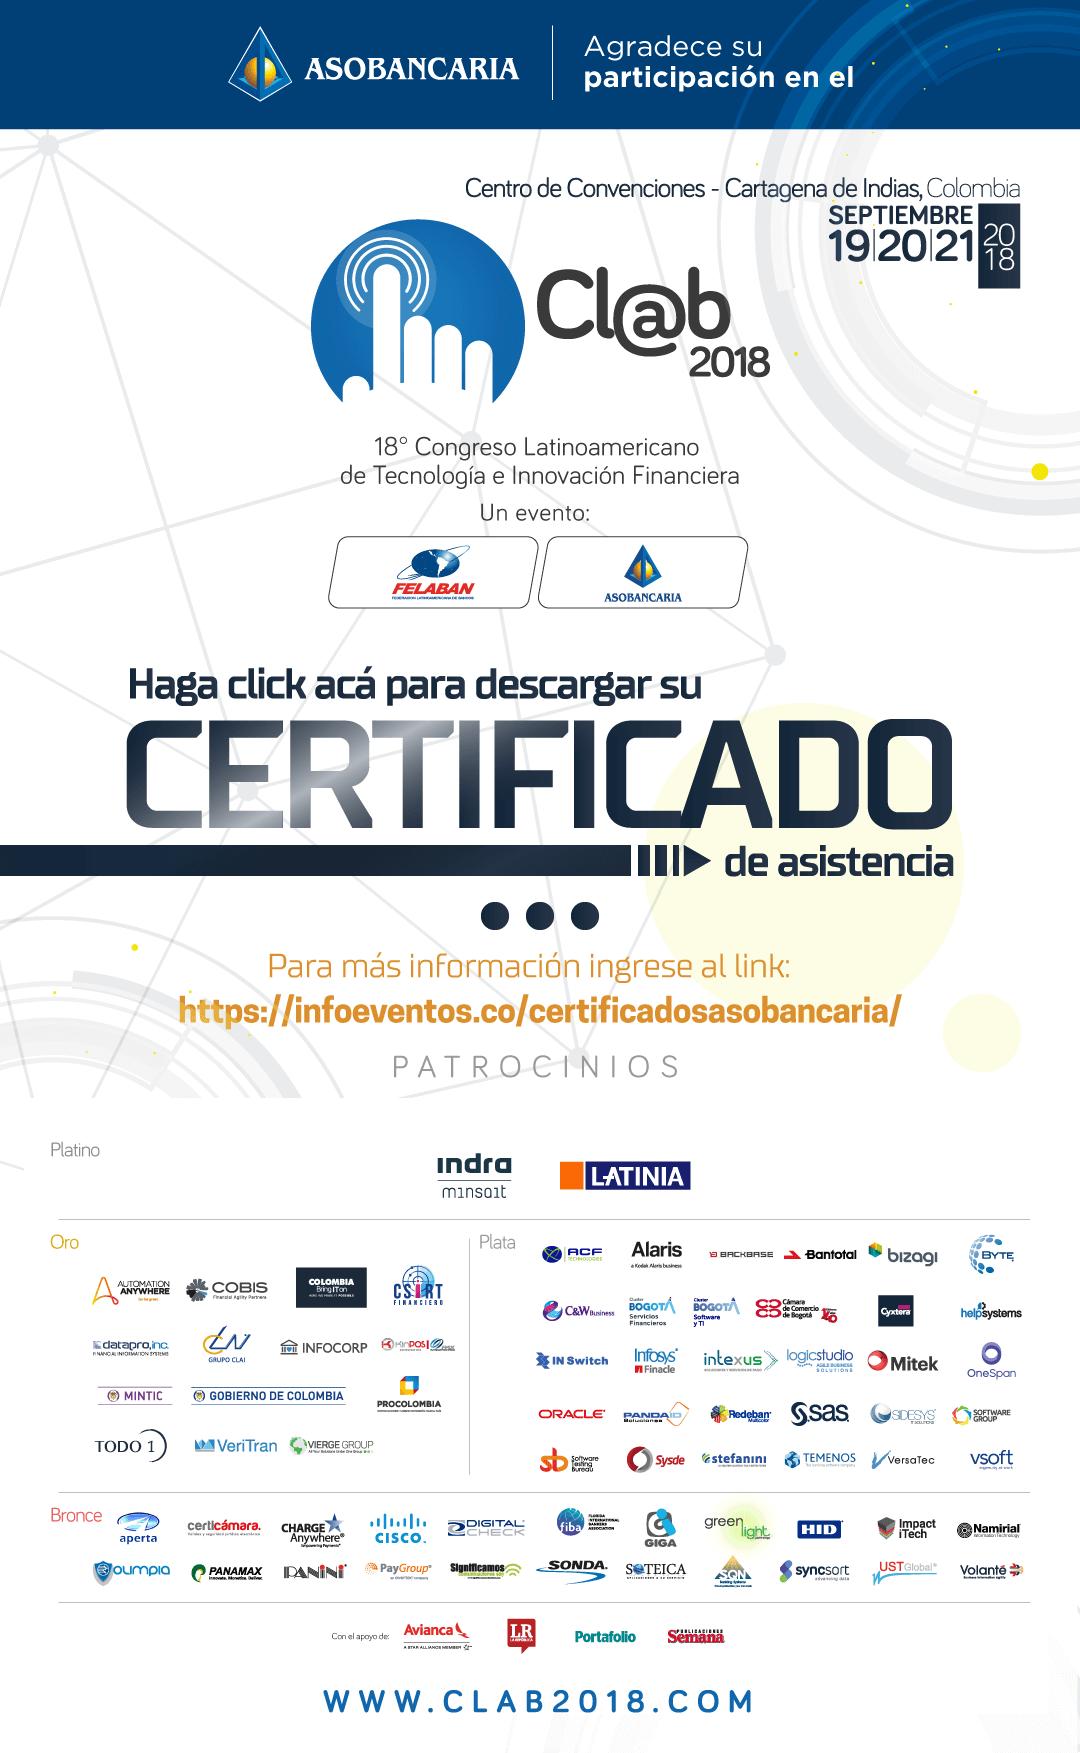 Certificado de asistencia CLAB 2018